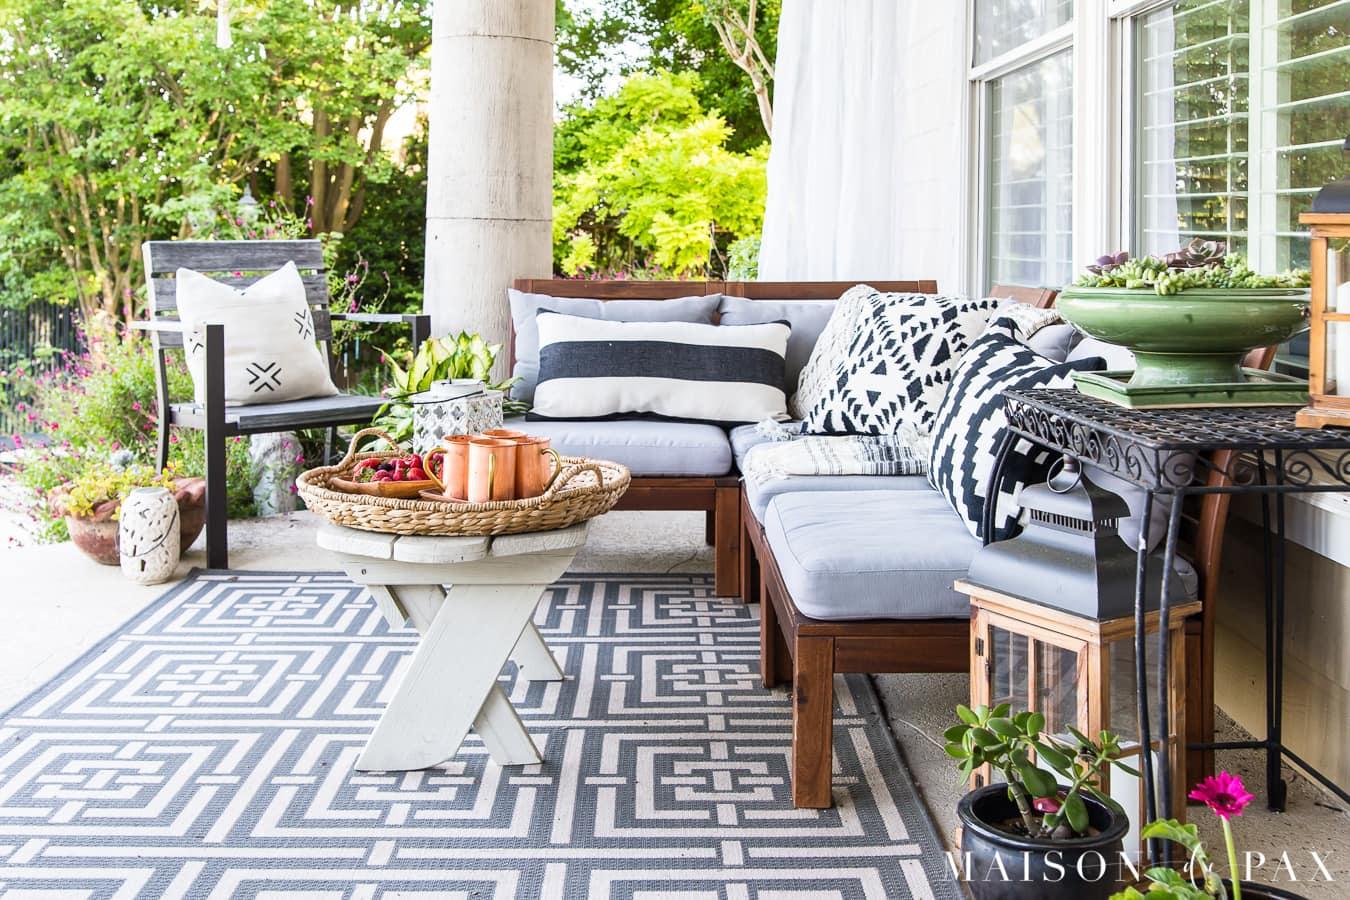 Summer Porch Decor Ideas: Ferns and Succulents - Maison de Pax on White Patio Ideas id=94988